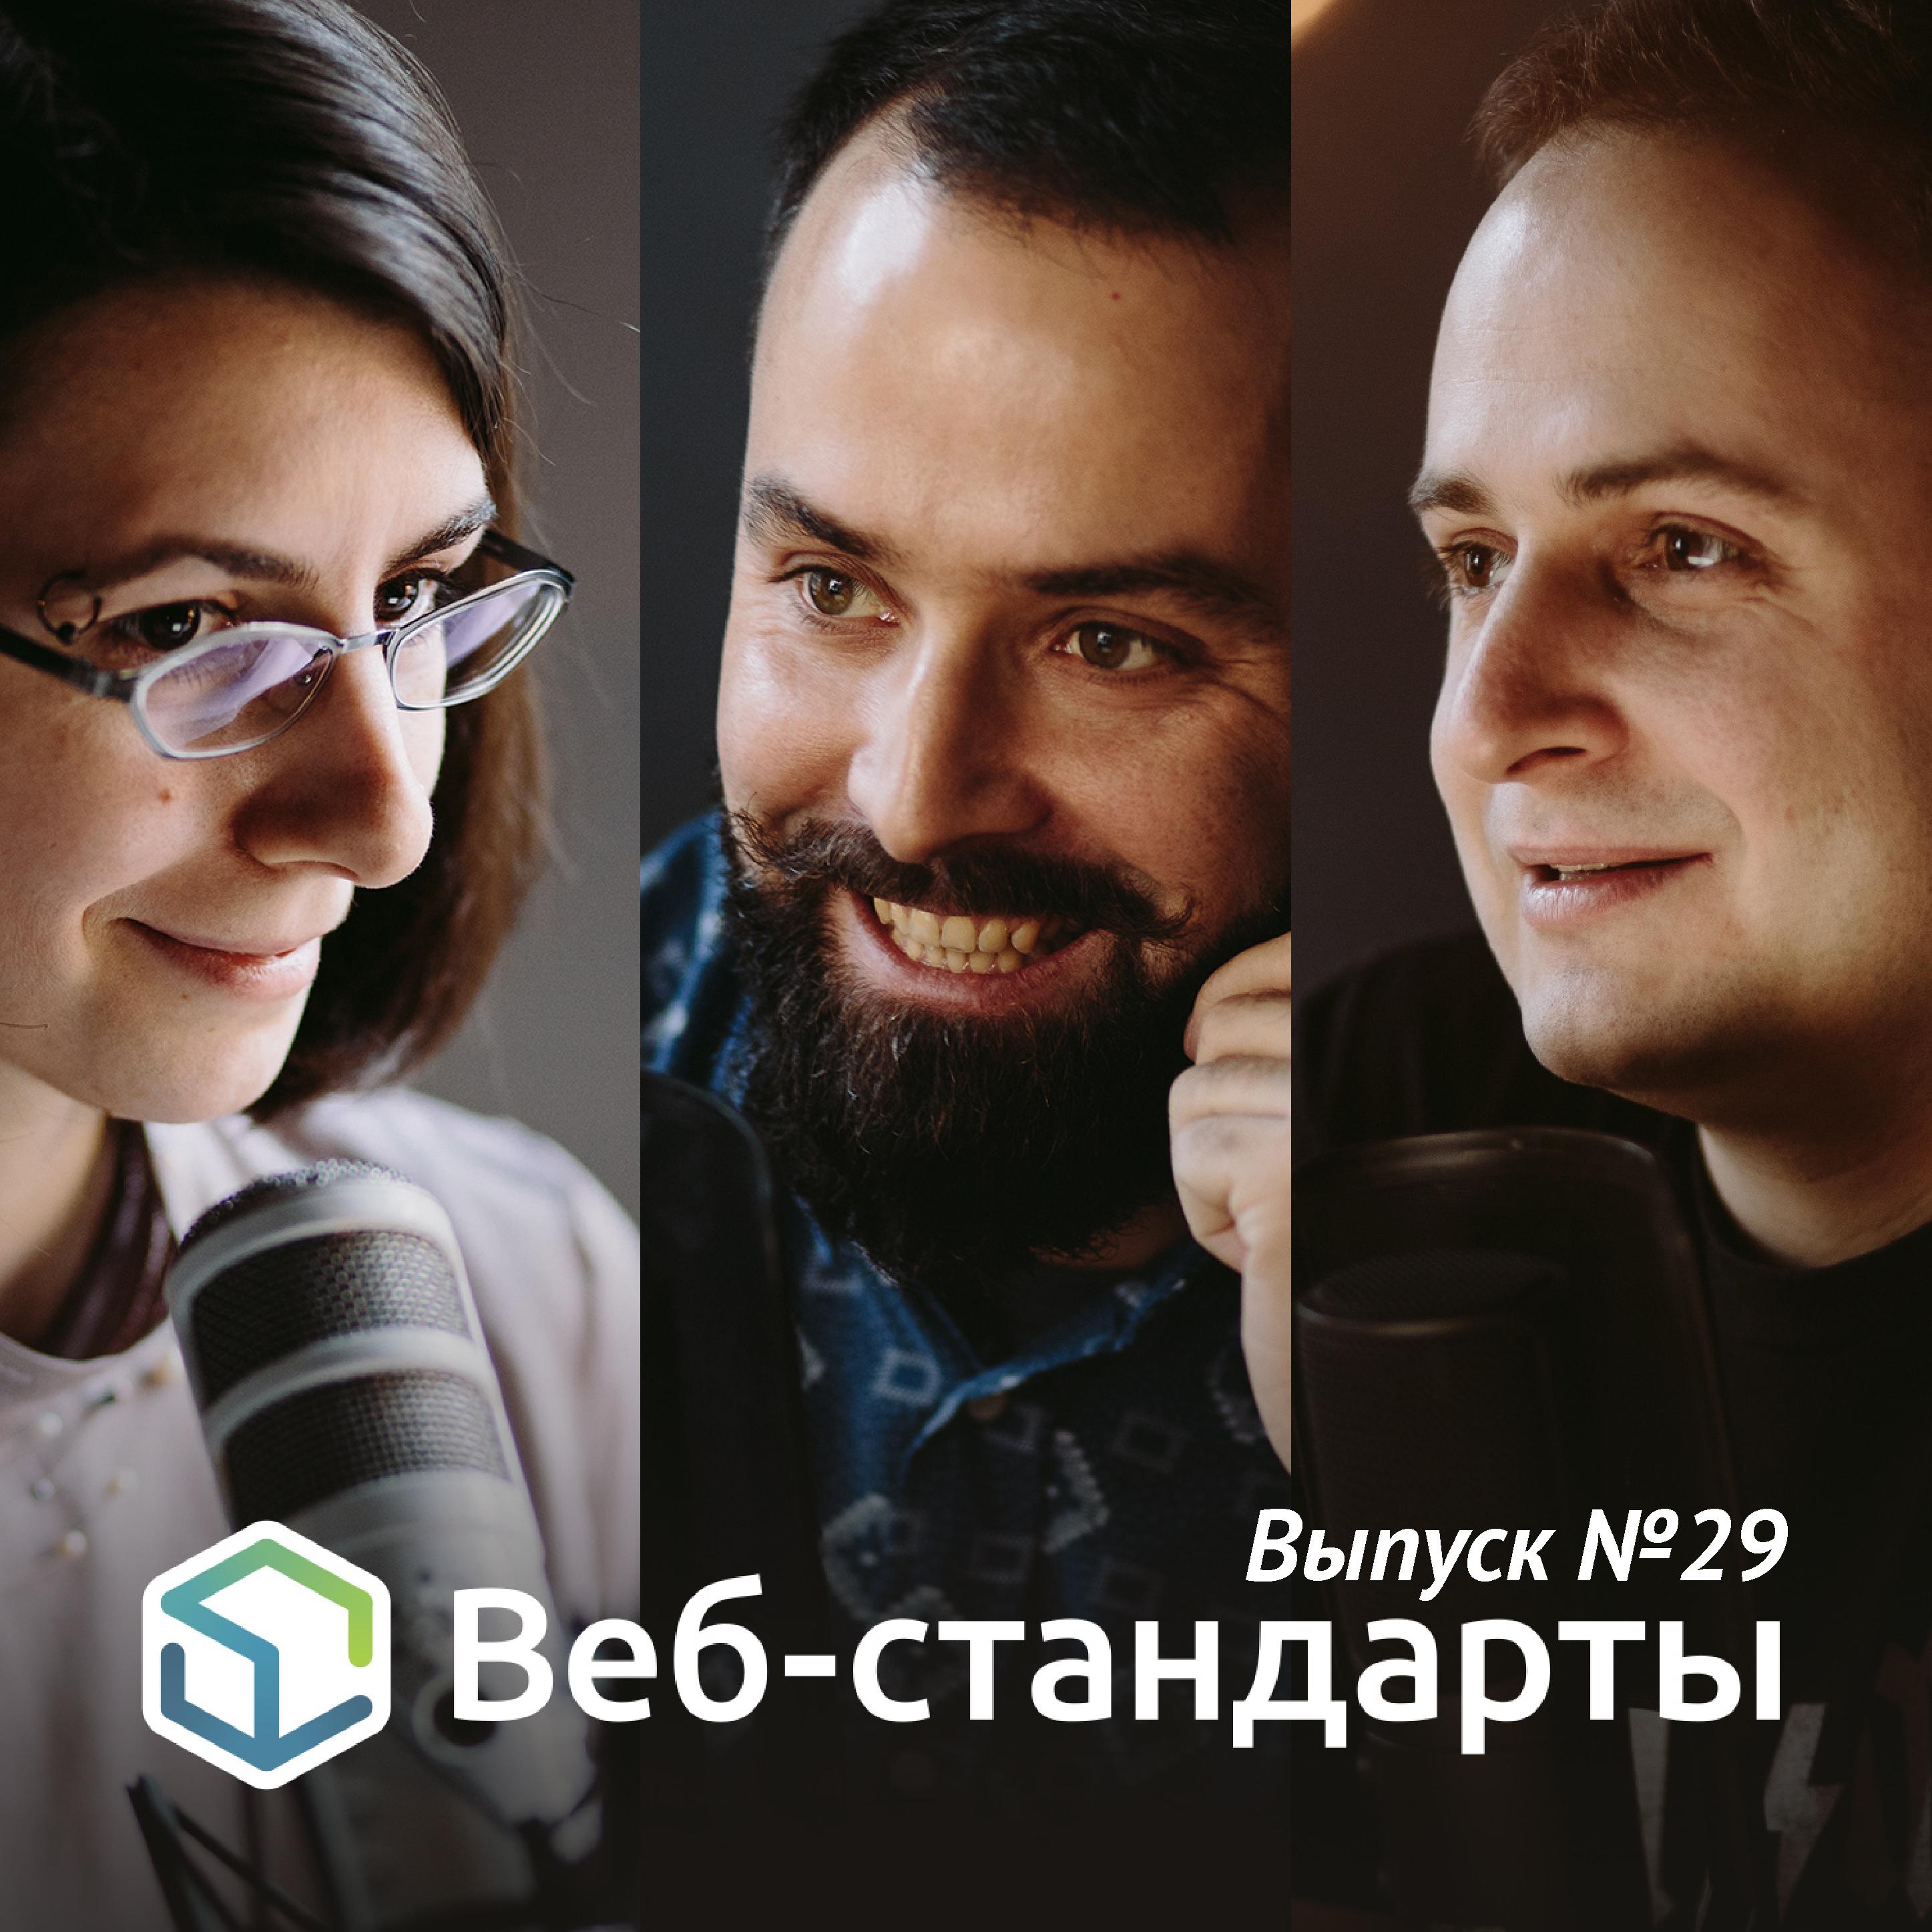 Алексей Симоненко Выпуск №29 алексей симоненко выпуск 22